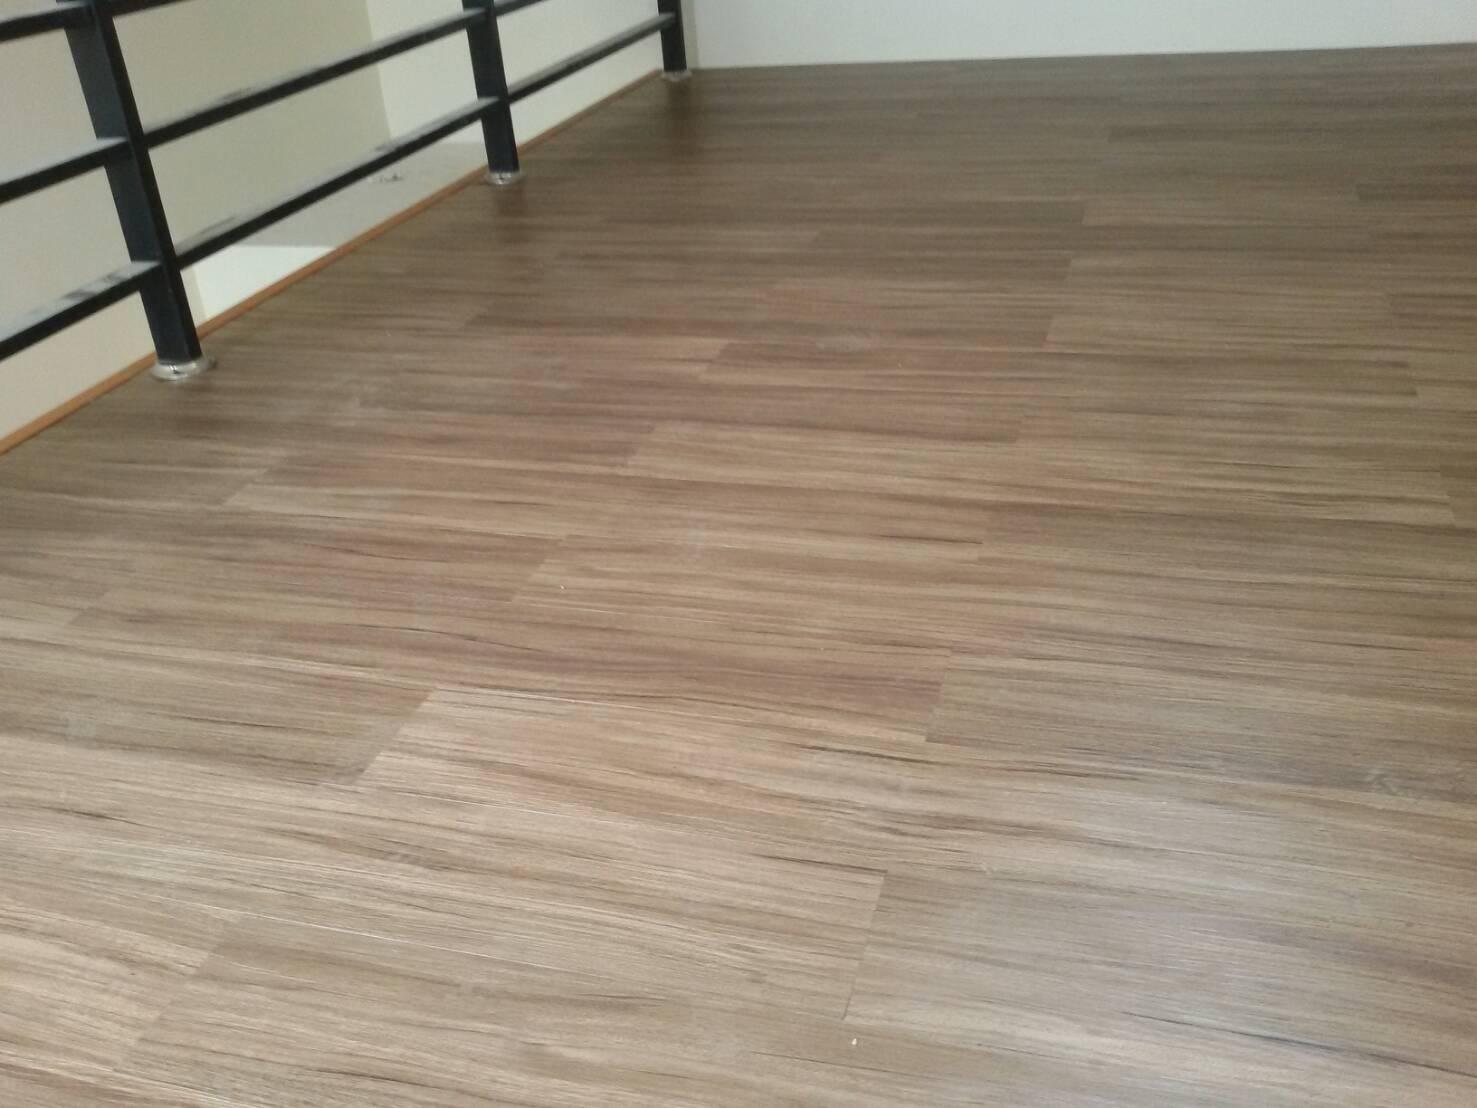 【塑膠·木板】木紋塑膠仿木板 – TouPeenSeen部落格